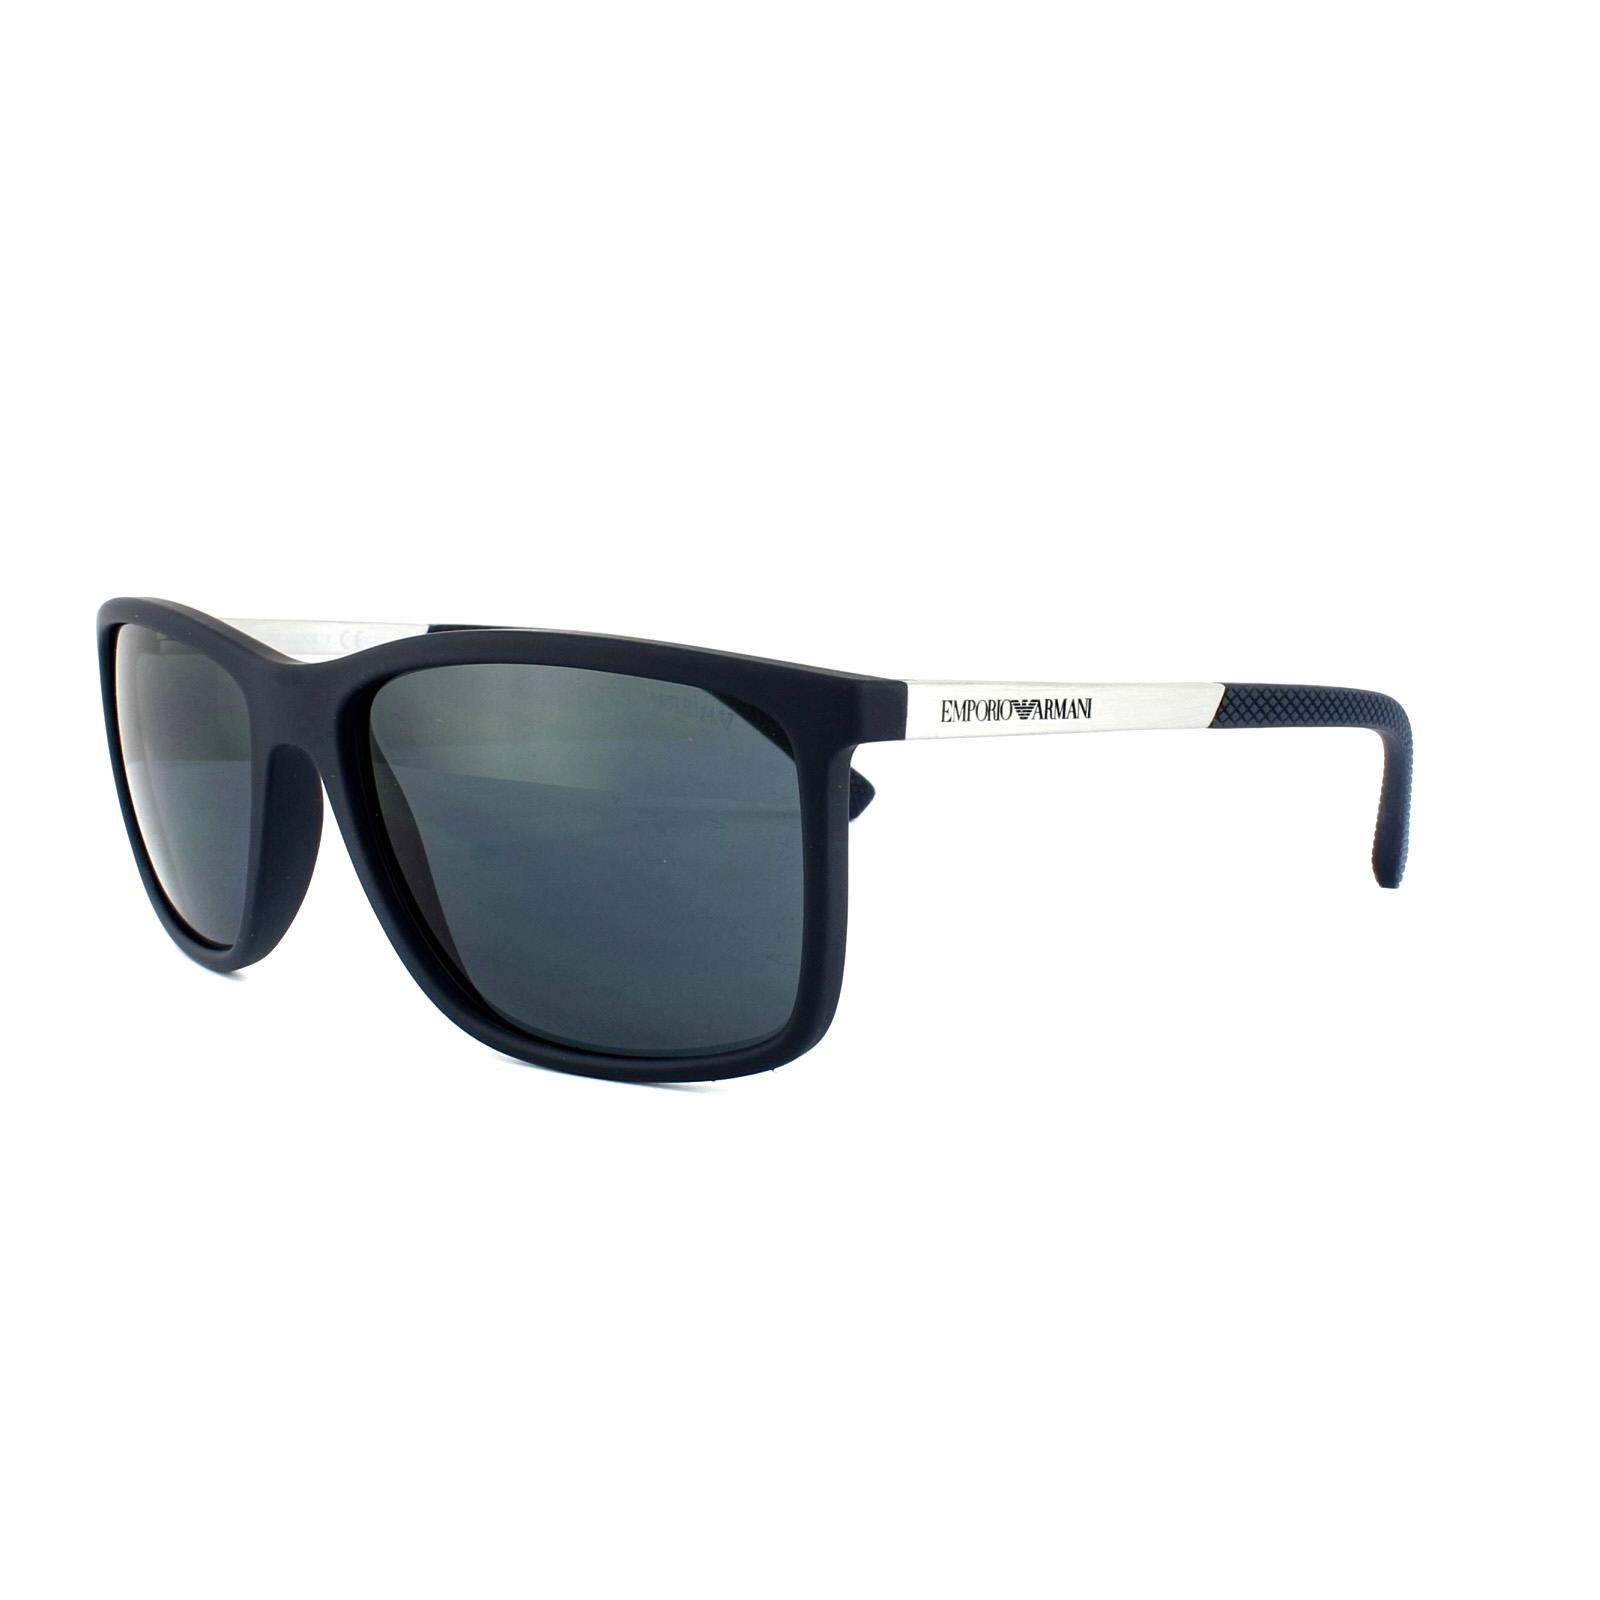 Sentinel Emporio Armani Sunglasses 4058 5474 87 Blue Rubber Grey 362e1471e5